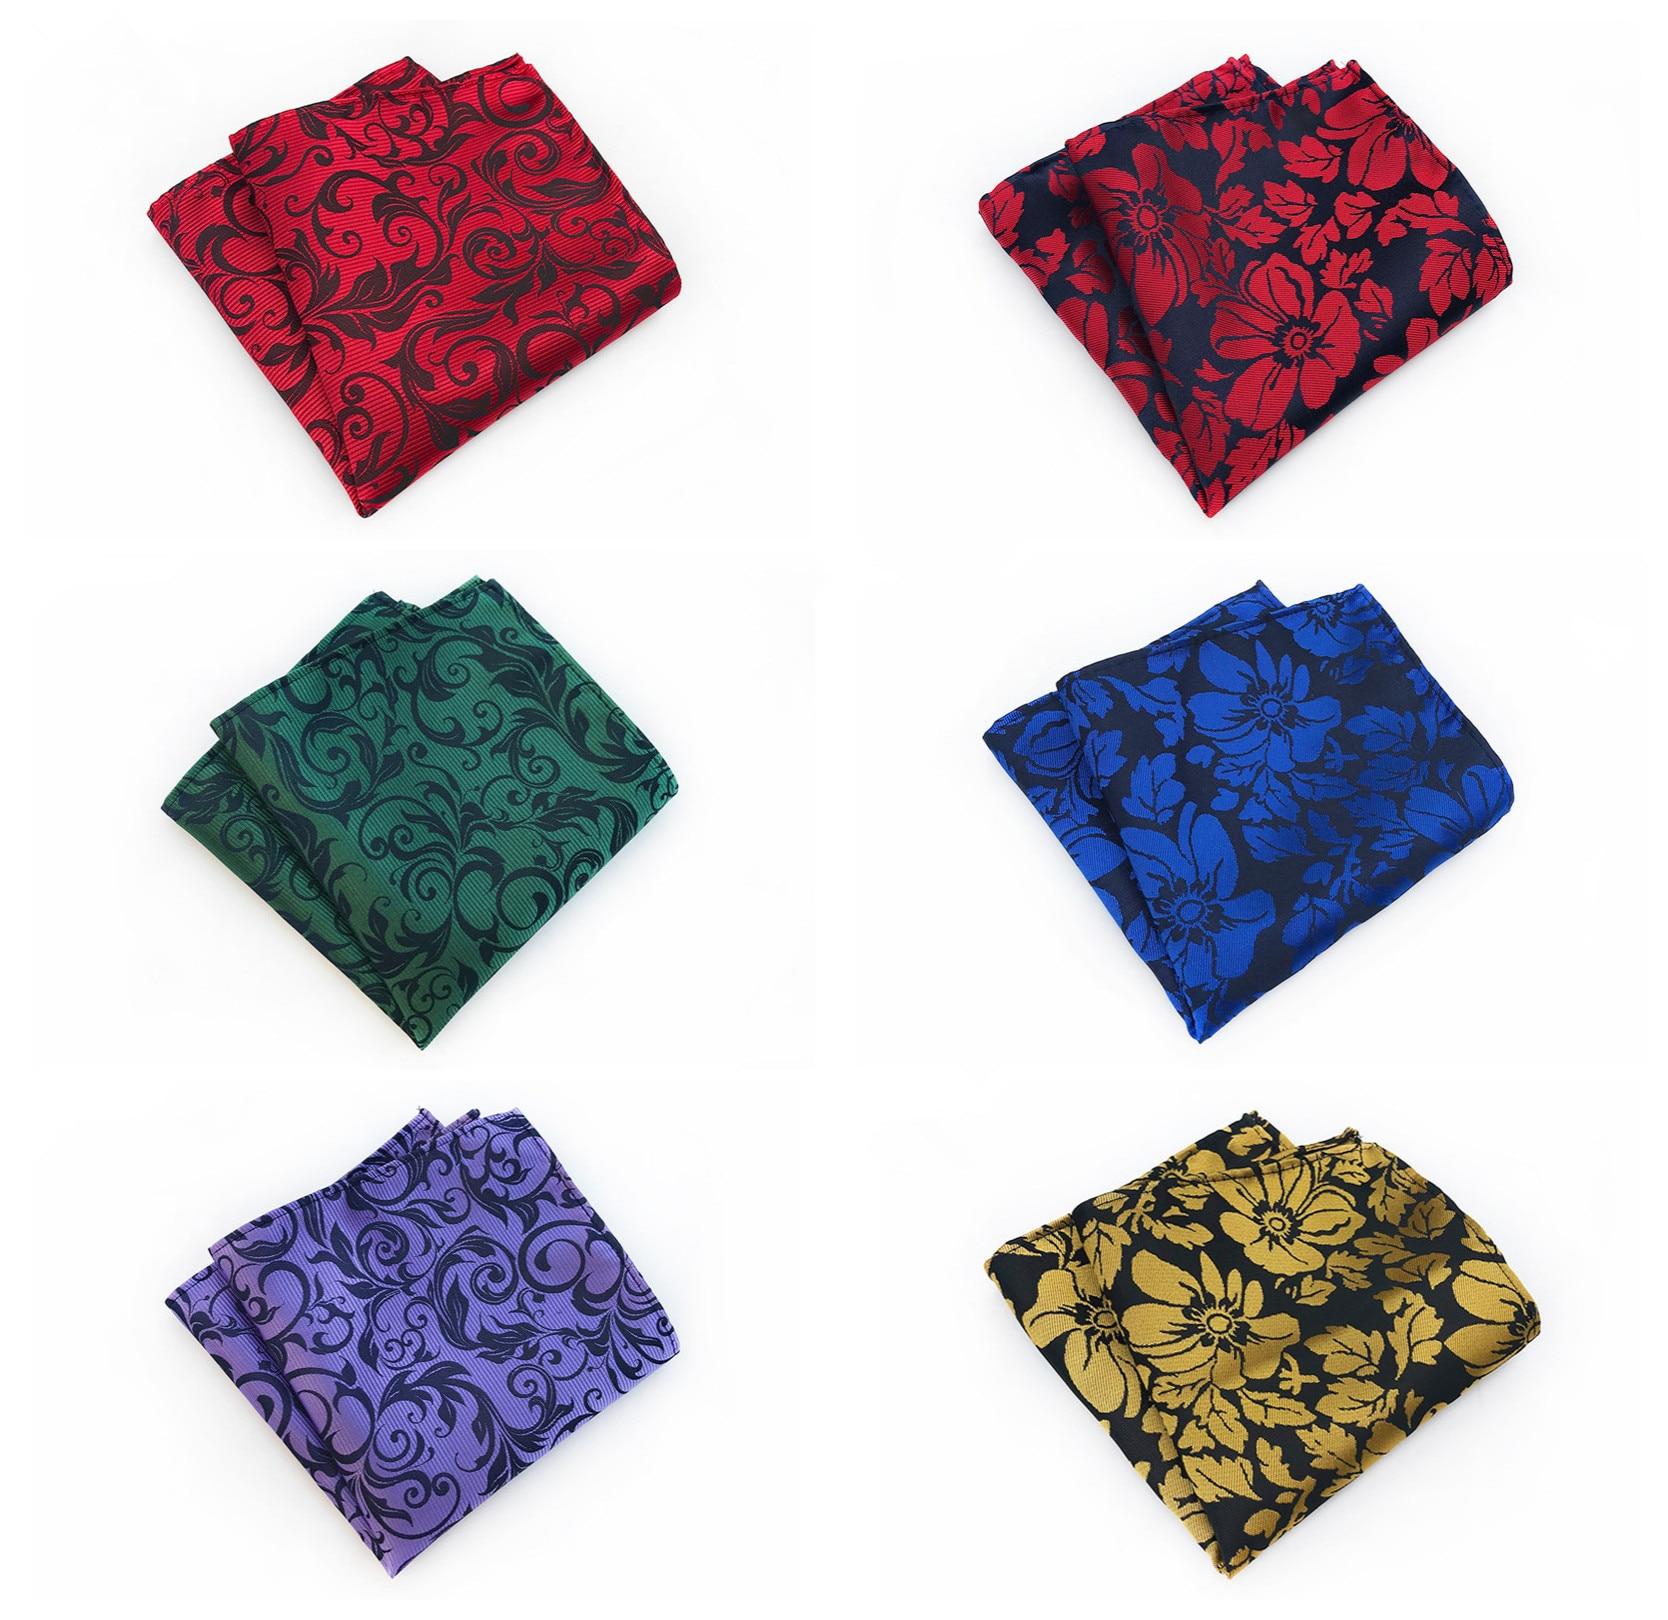 Unique Design High Quality Silk Polyester Paisley Floral Pocket Square Fashion Boutique Floral Men's Pocket Square Handkerchief